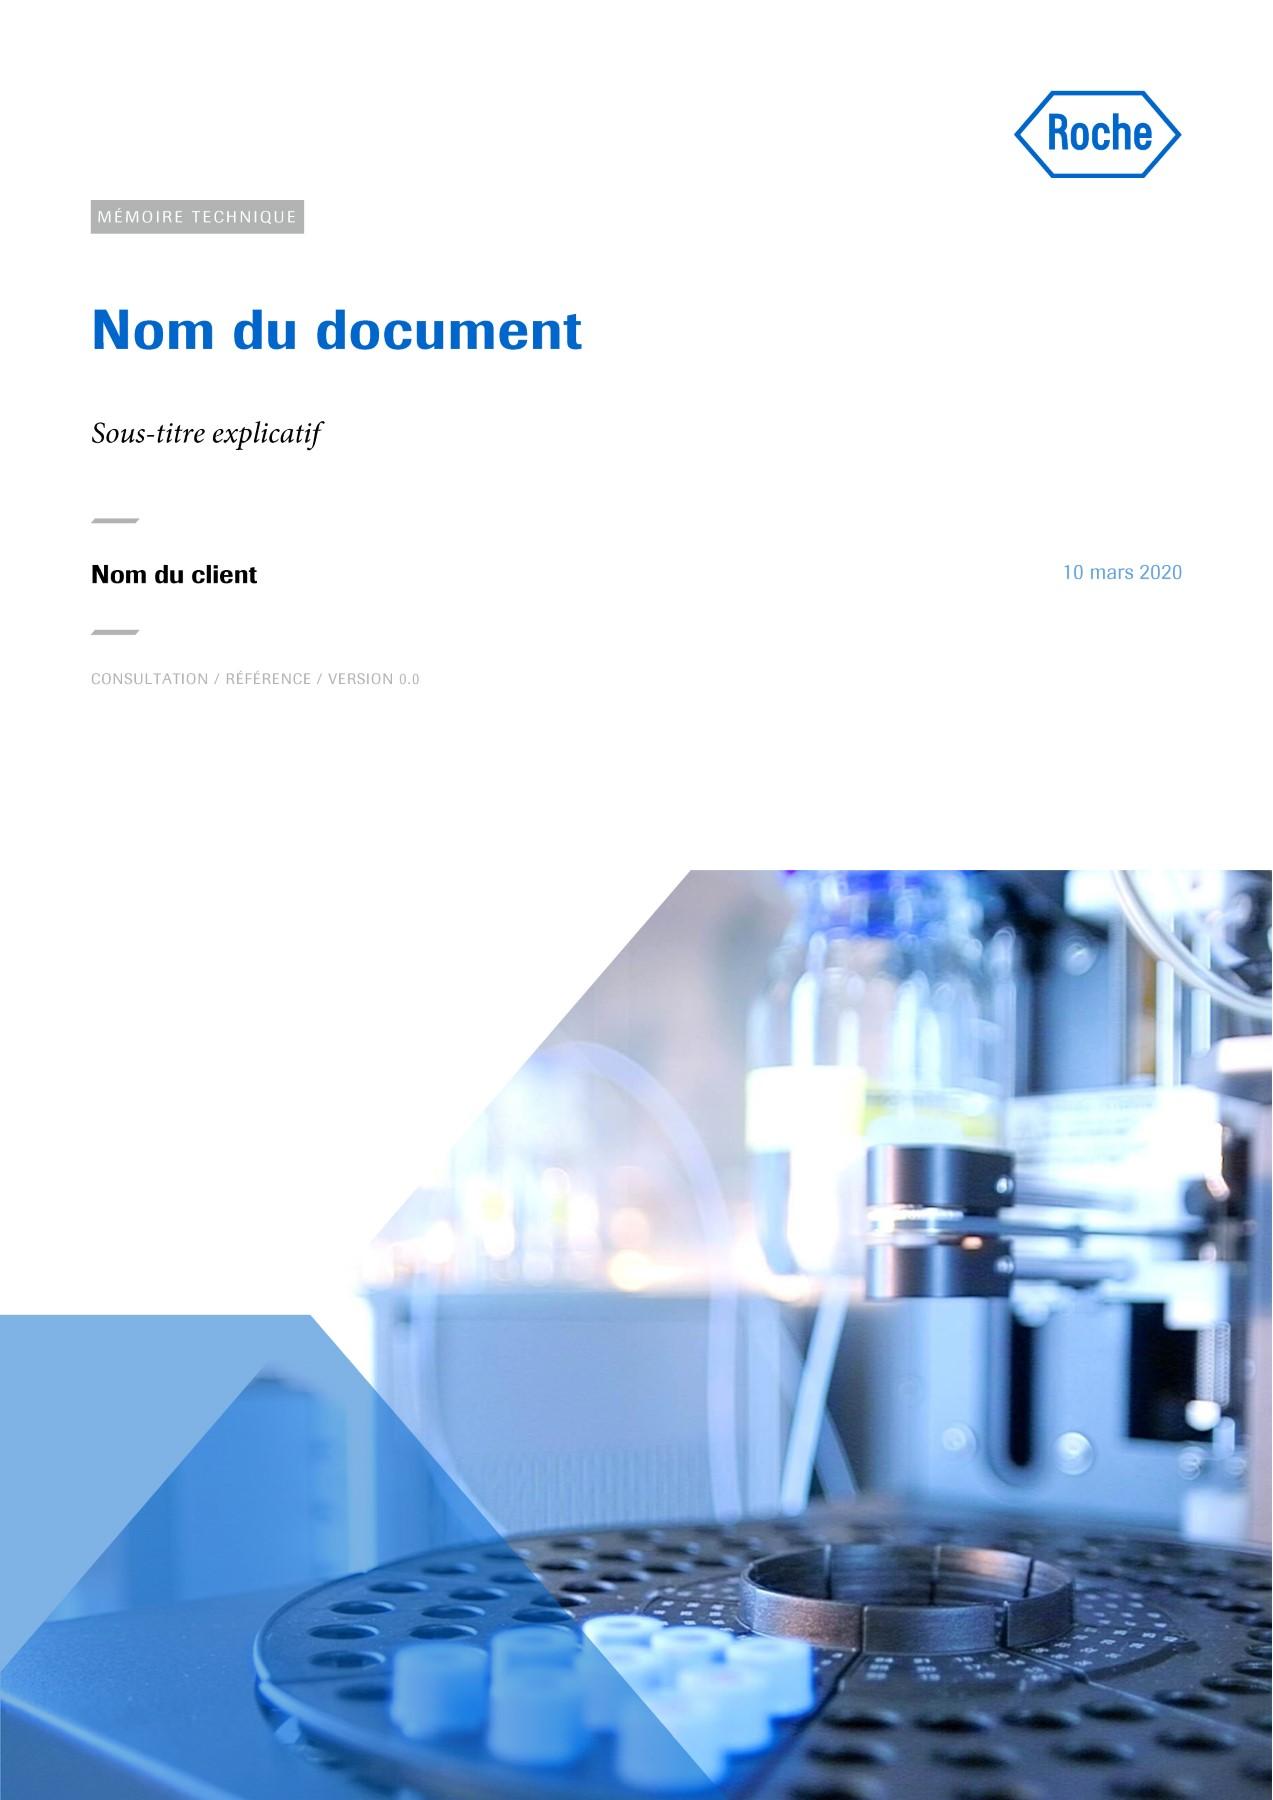 Modèle de présentation Word professionnelle pour laboratoire Roche 1